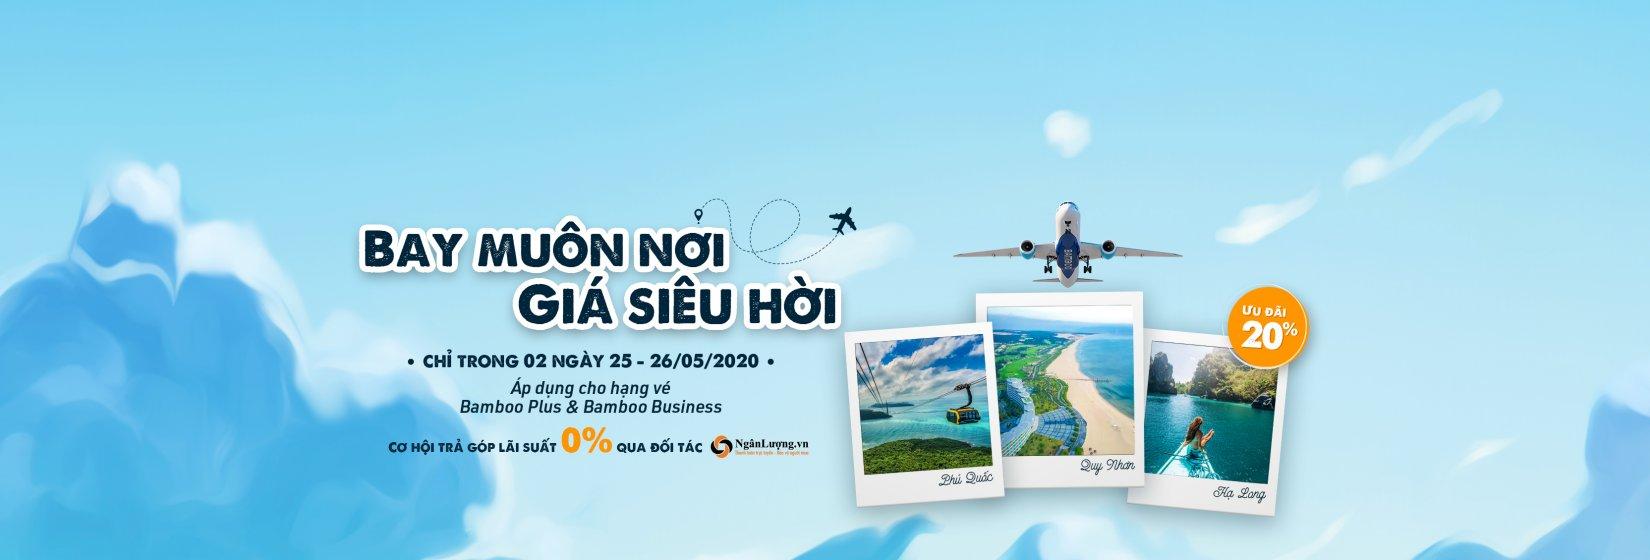 Bamboo Airways khuyến mãi giảm 20% giá vé máy bay